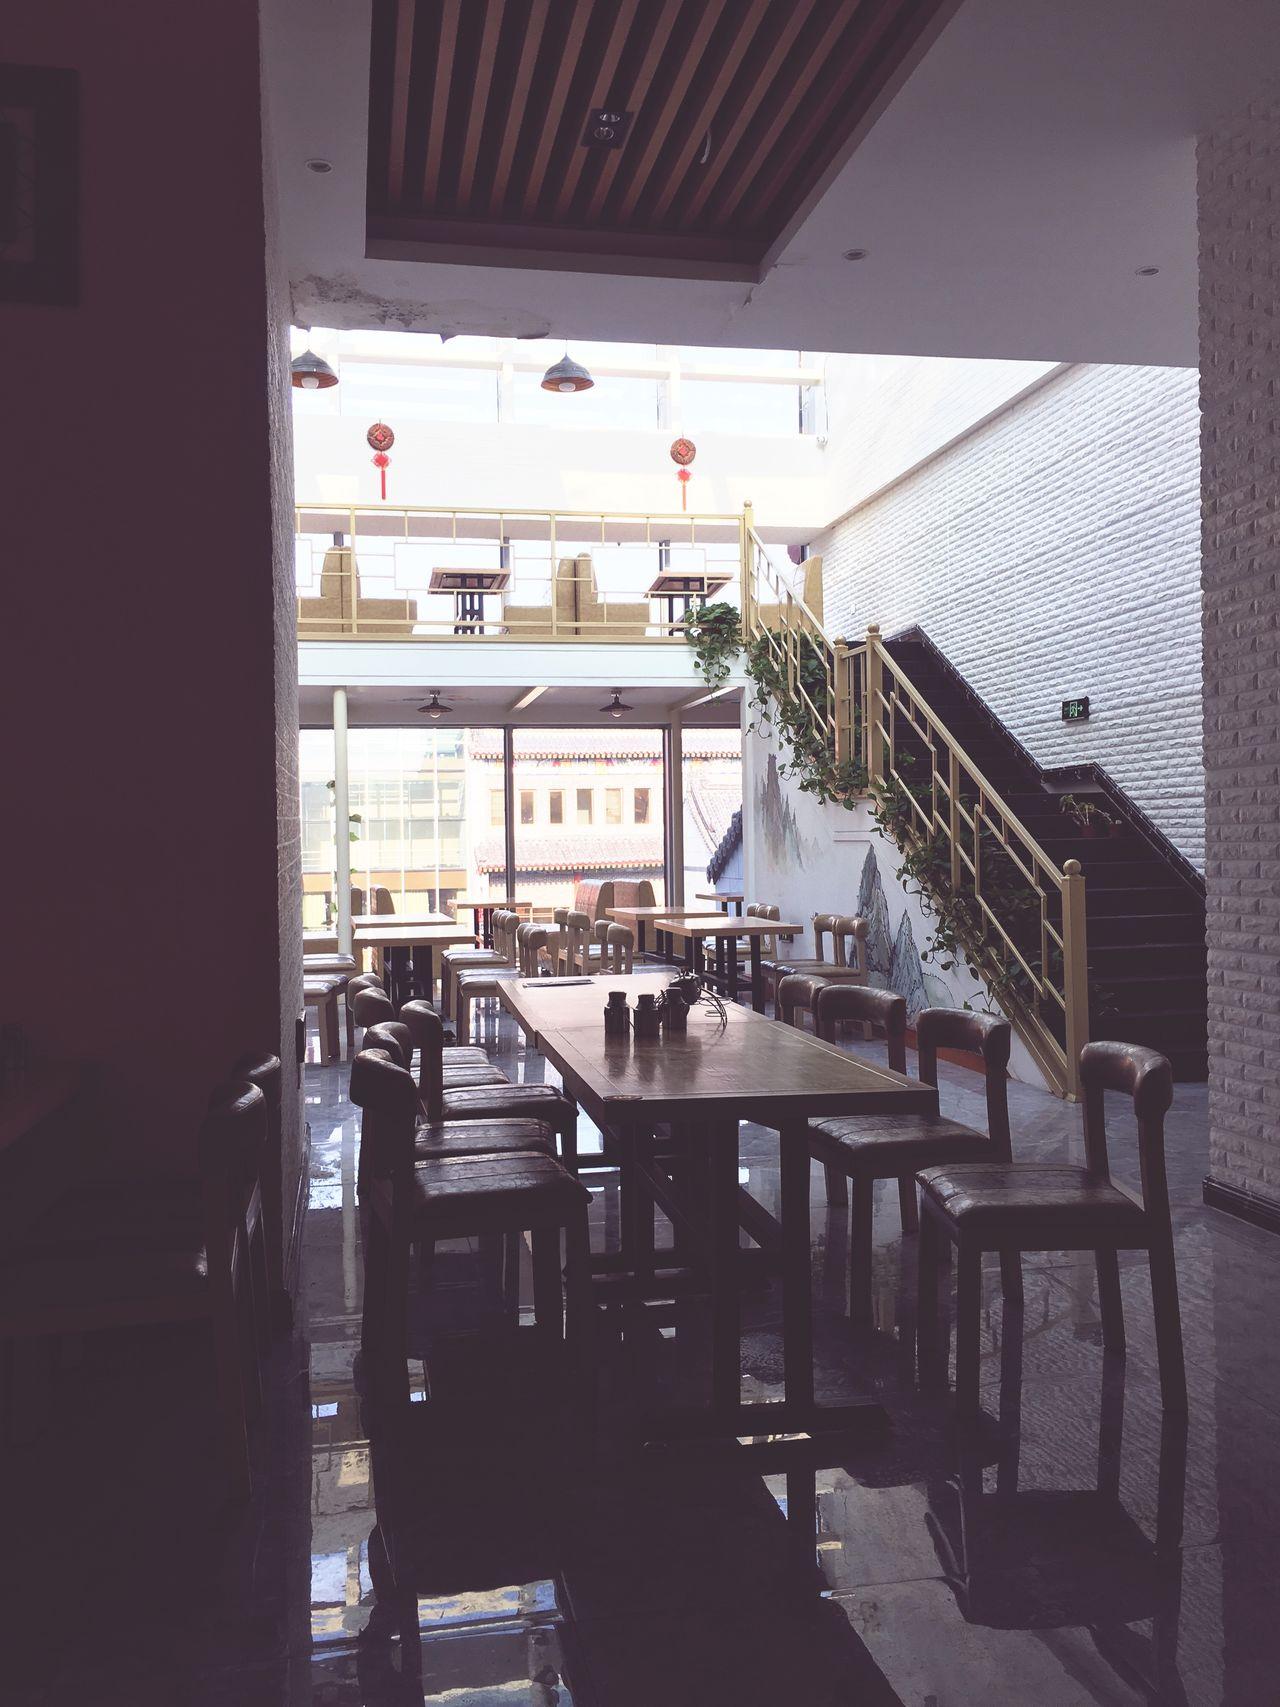 这儿窗边的采光真棒 开咖啡店多好 偏偏成了饺子馆😂